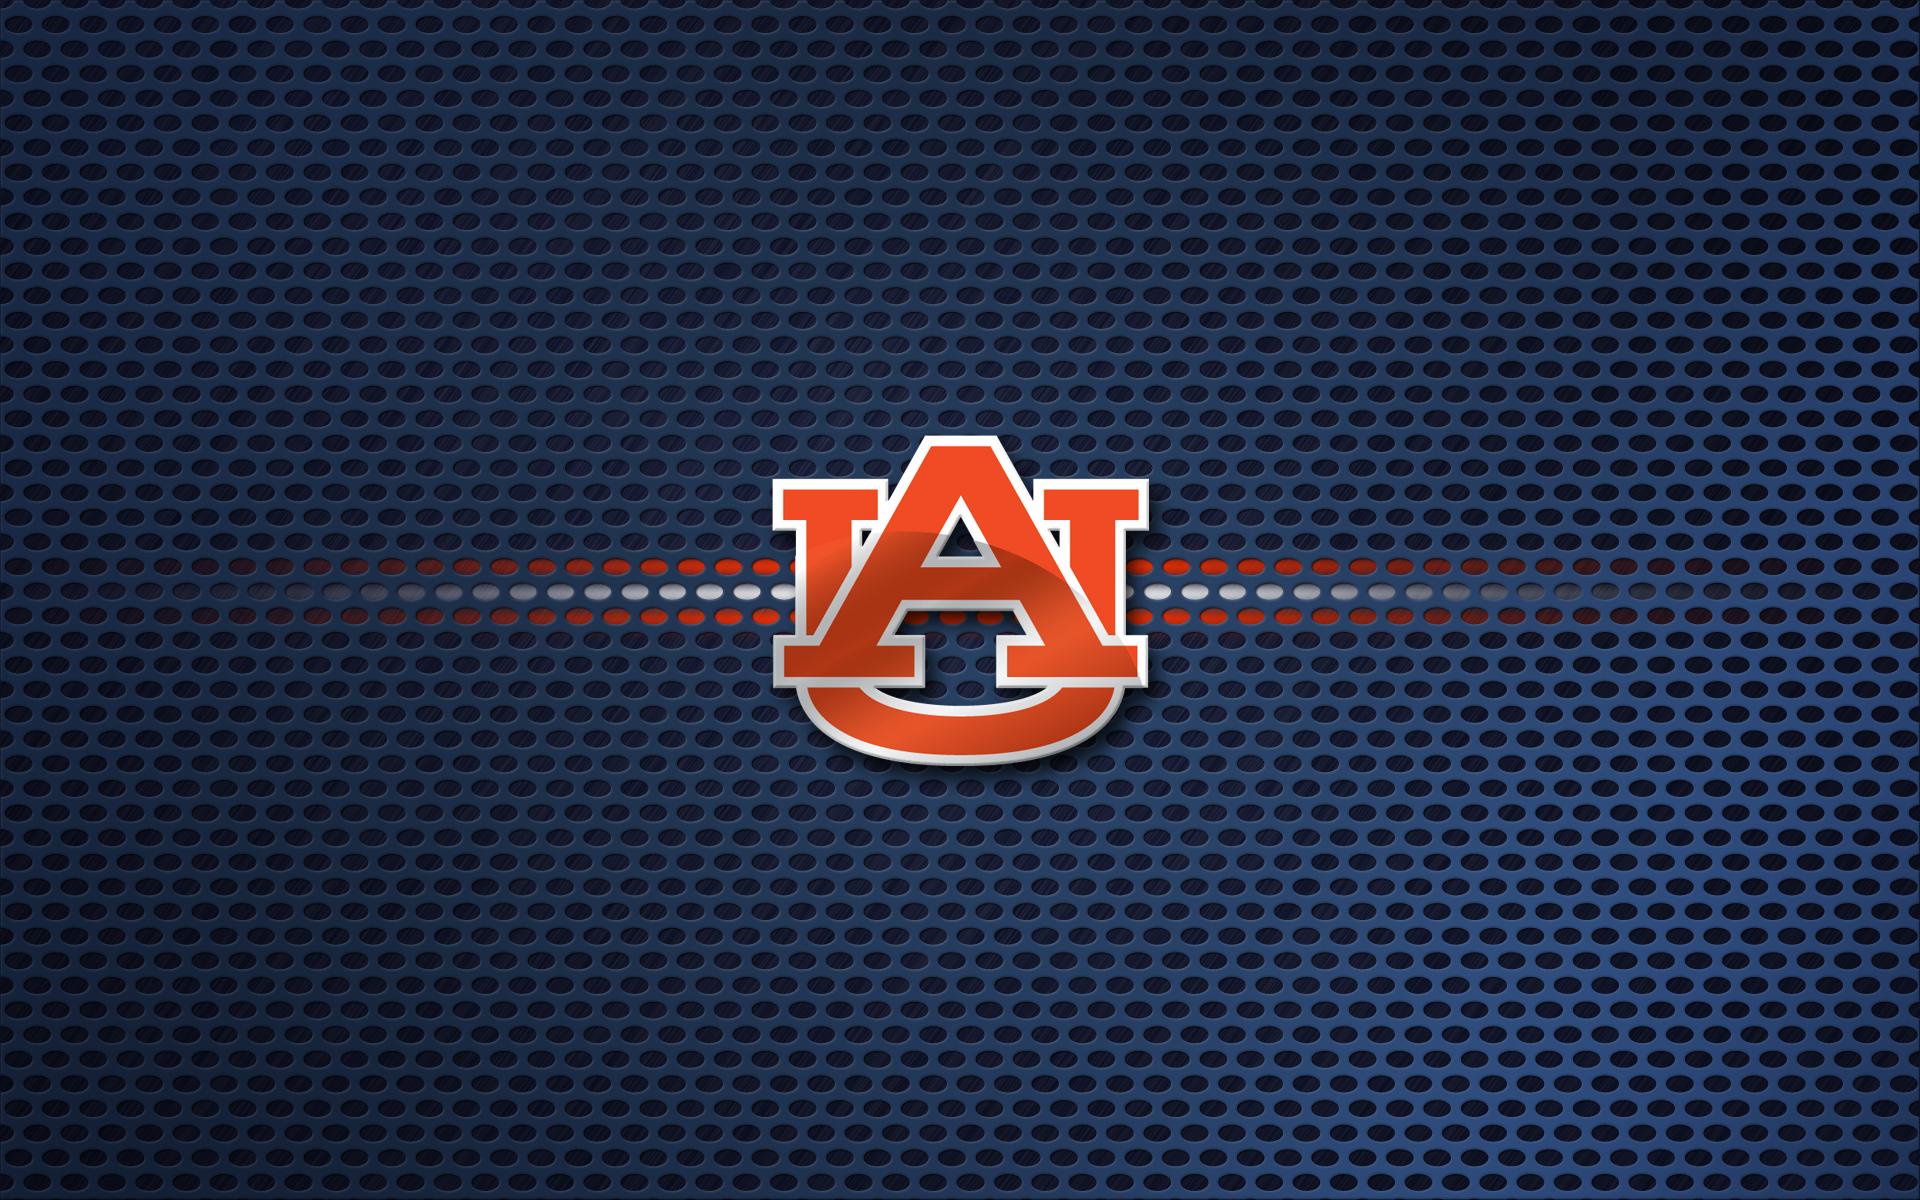 Free Fall Wallpaper And Screensavers Auburn Tigers Football Wallpaper Hd Pixelstalk Net